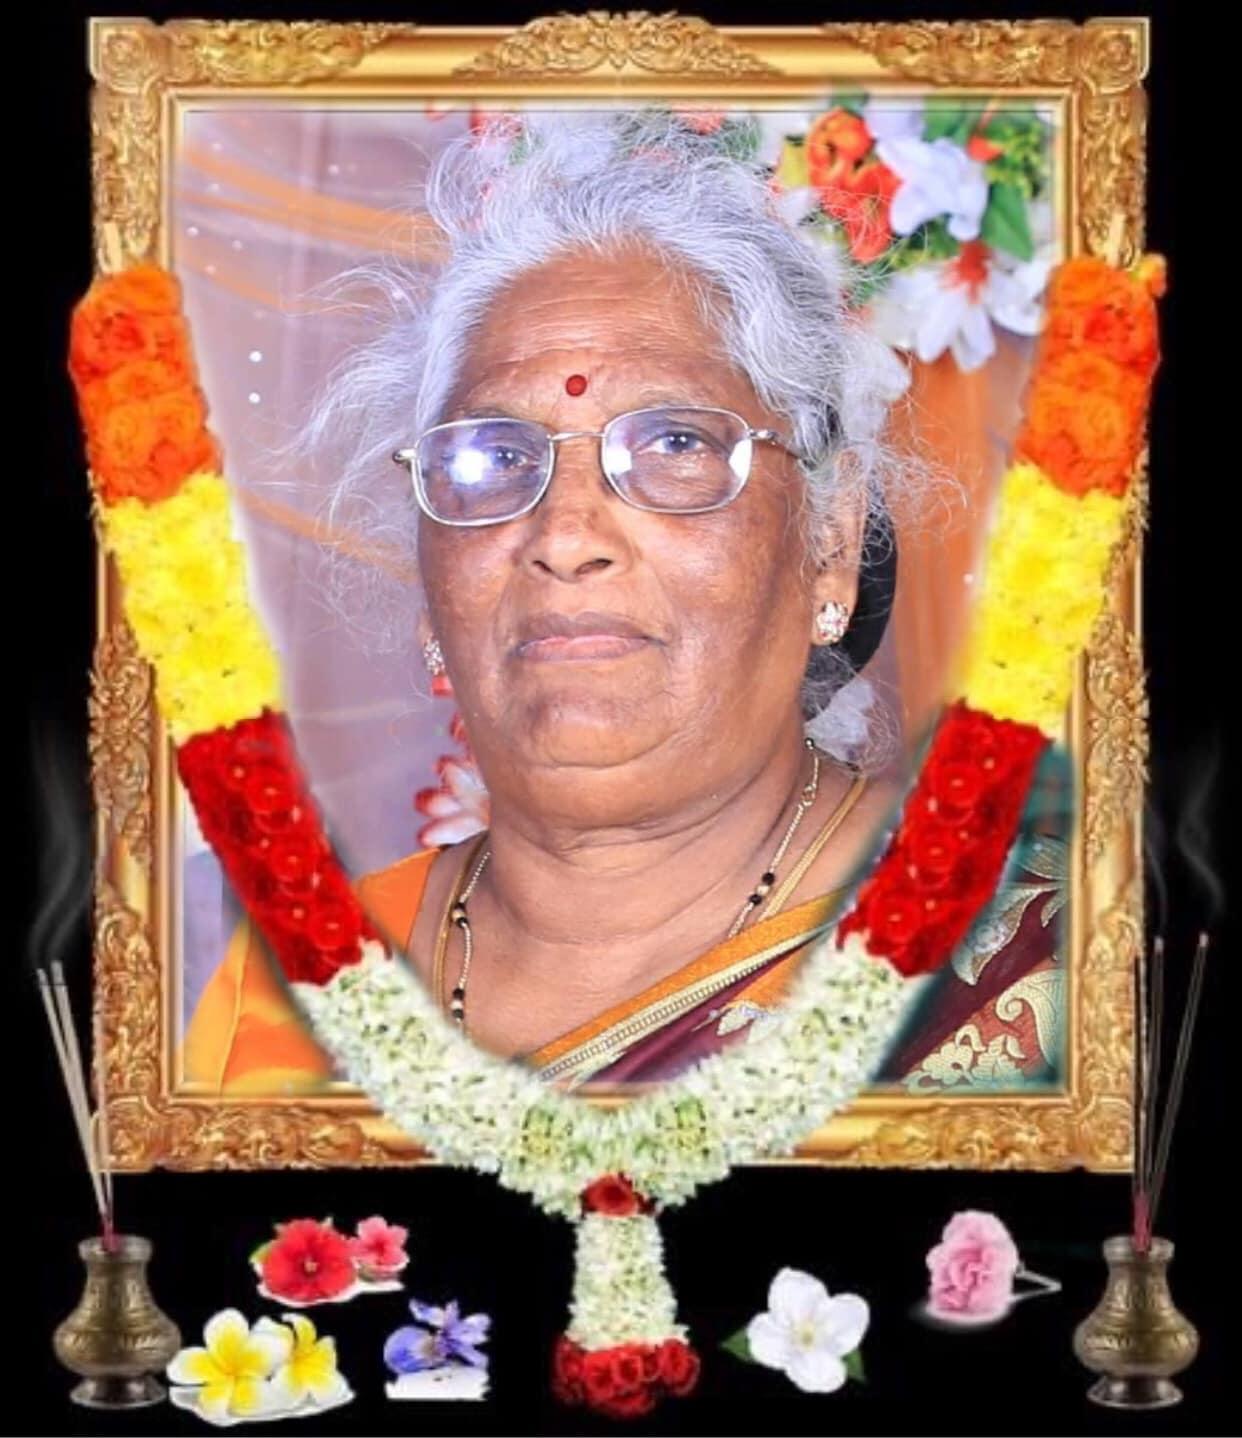 திருமதி லீலாம்பலம் கனகேஸ்வரி